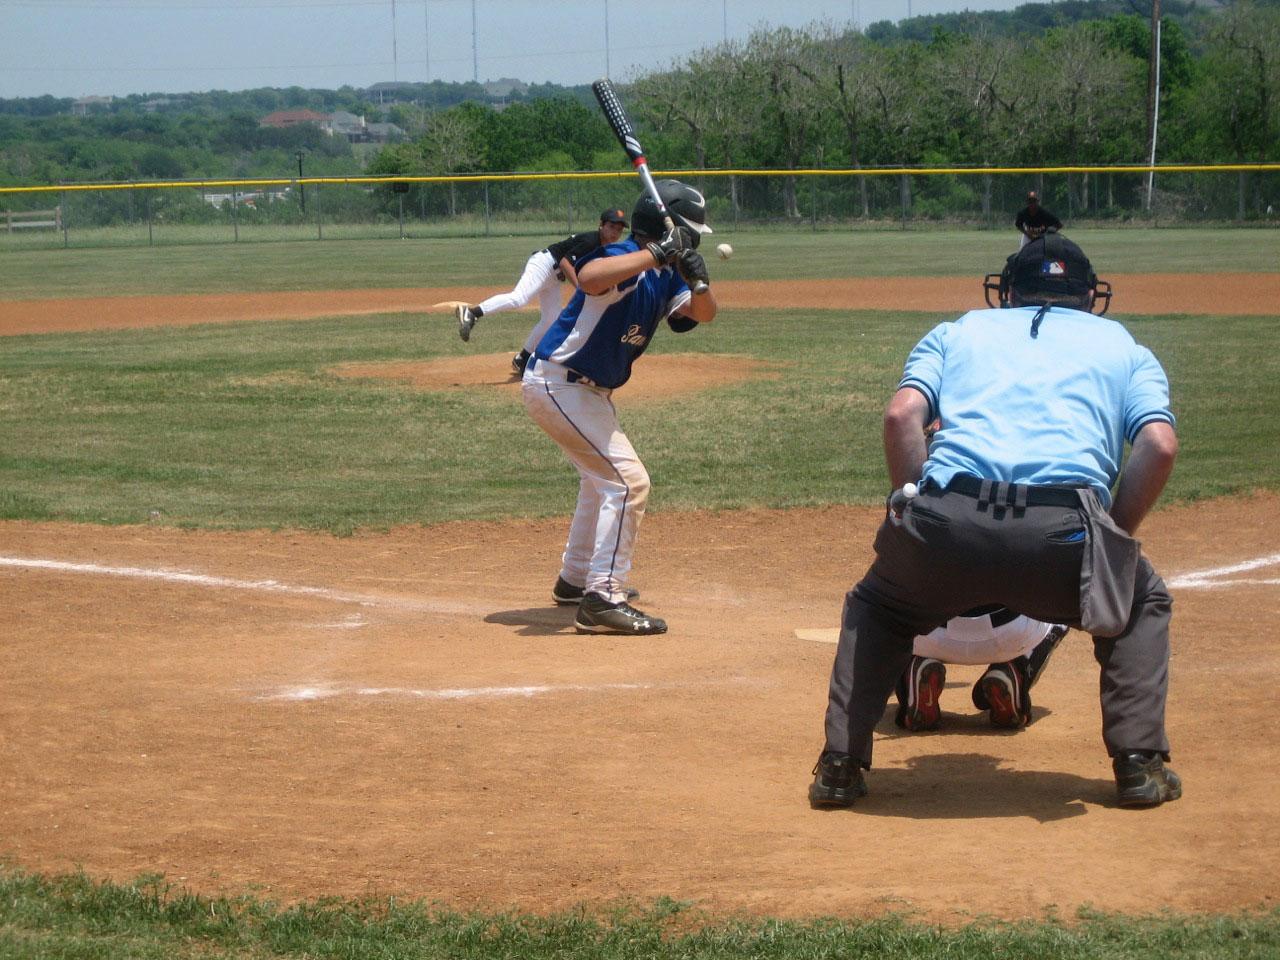 Baseball action at Valley Ridge